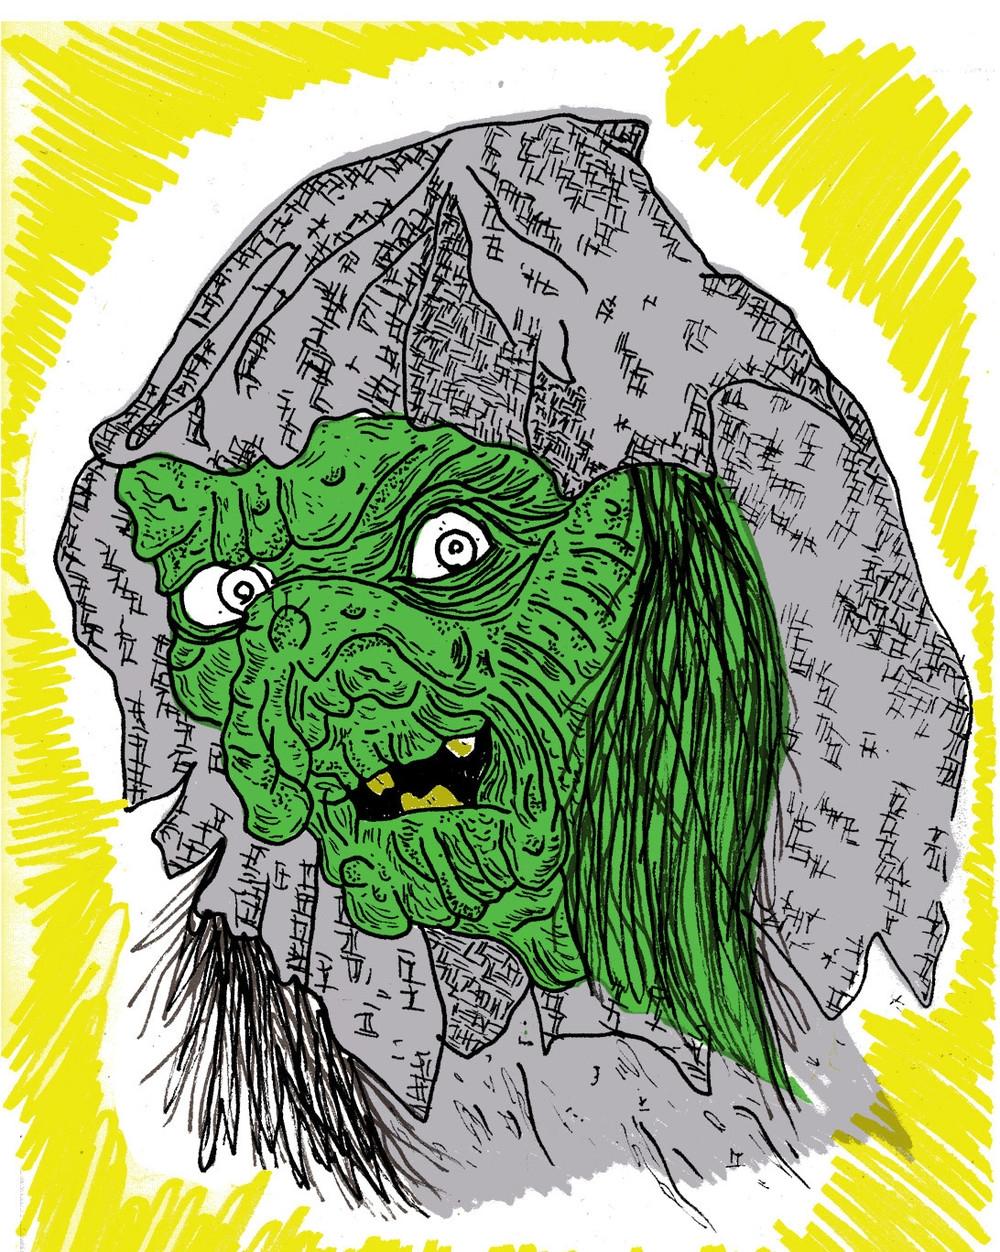 historias-con-las-que-se-asusta-a-los-ninos-666-body-image-1446206728-size_1000